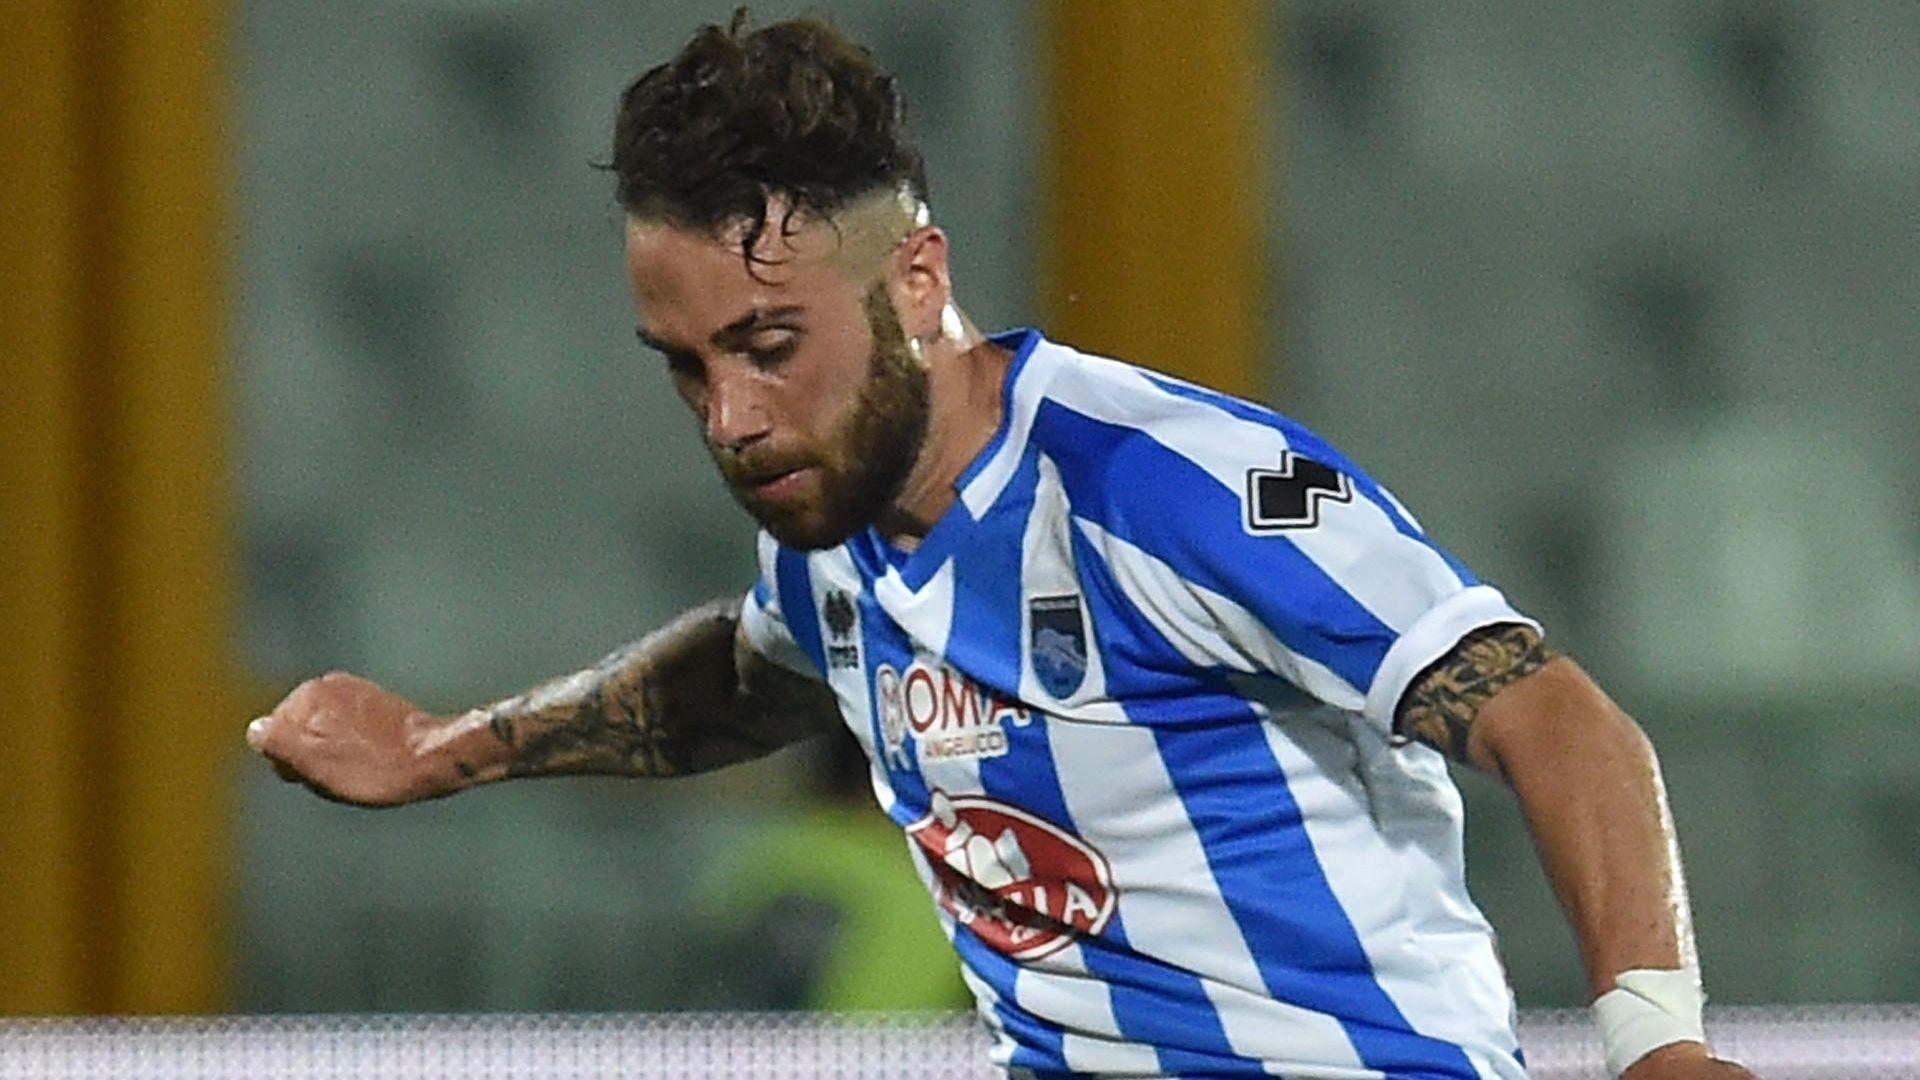 UFFICIALE: Udinese, acquistato Francesco Zampano dal Pescara